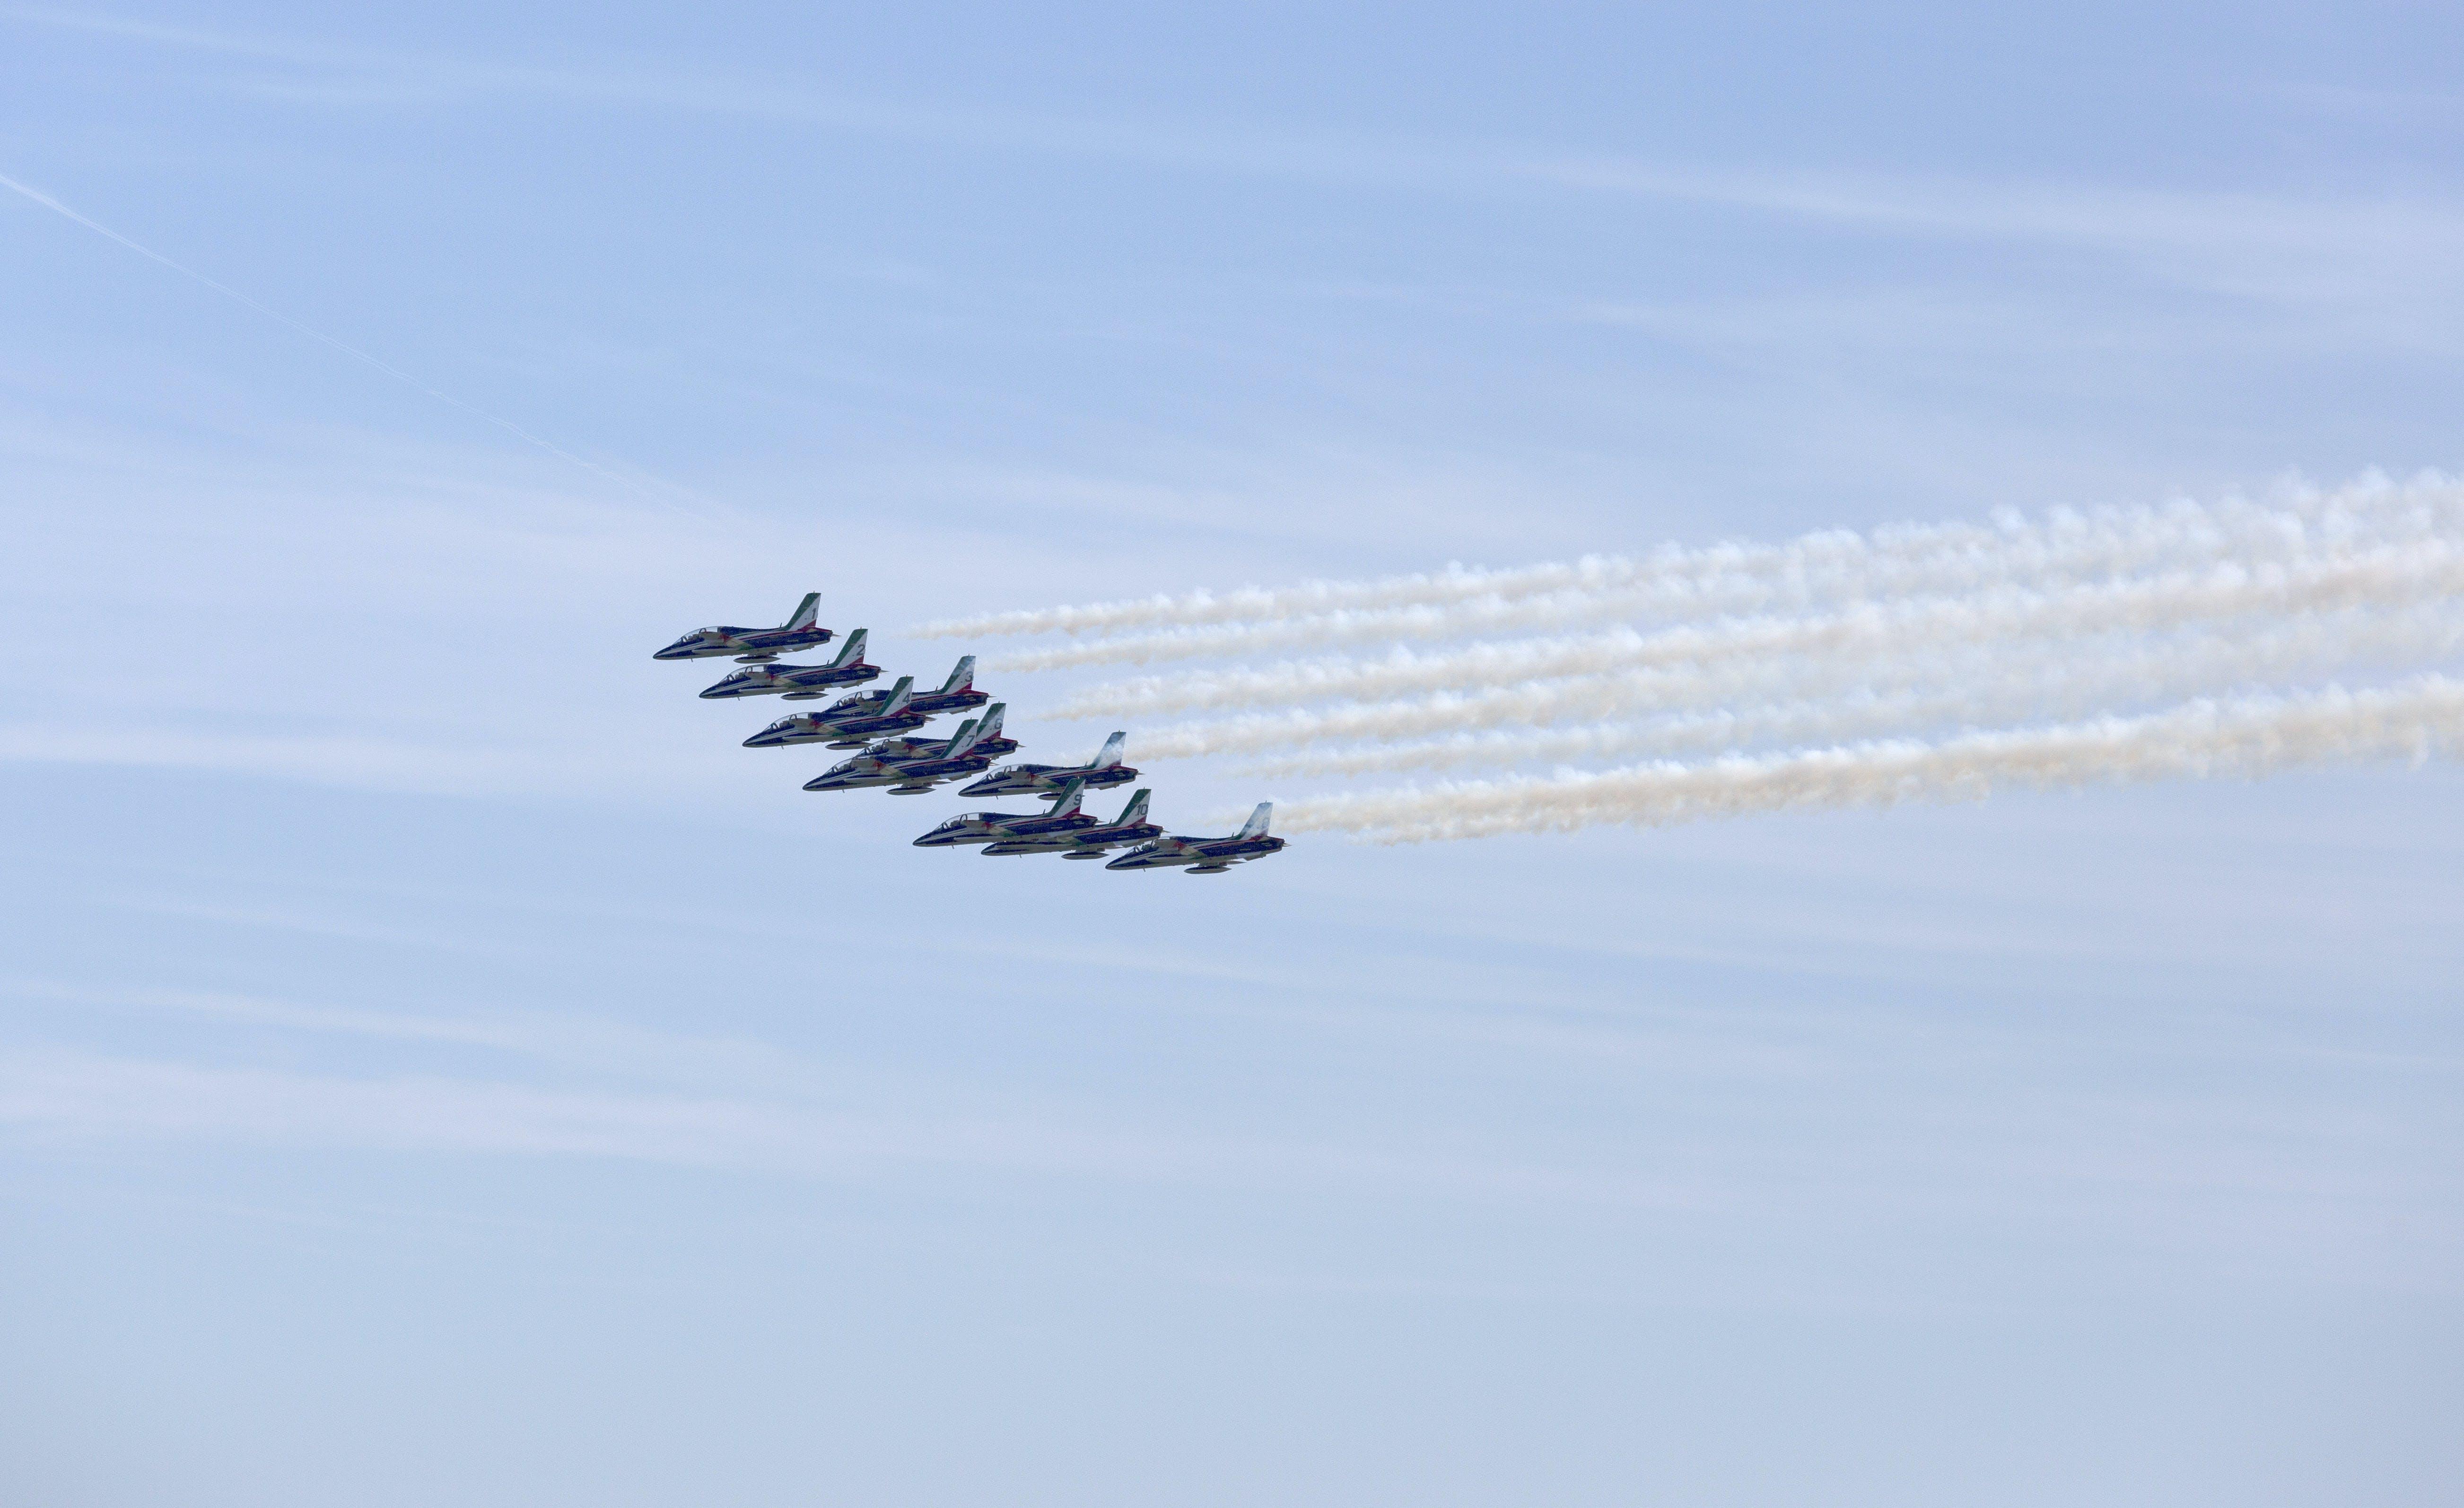 Gratis lagerfoto af flyrejse, flyve, flyvemaskiner, flyveopvisning